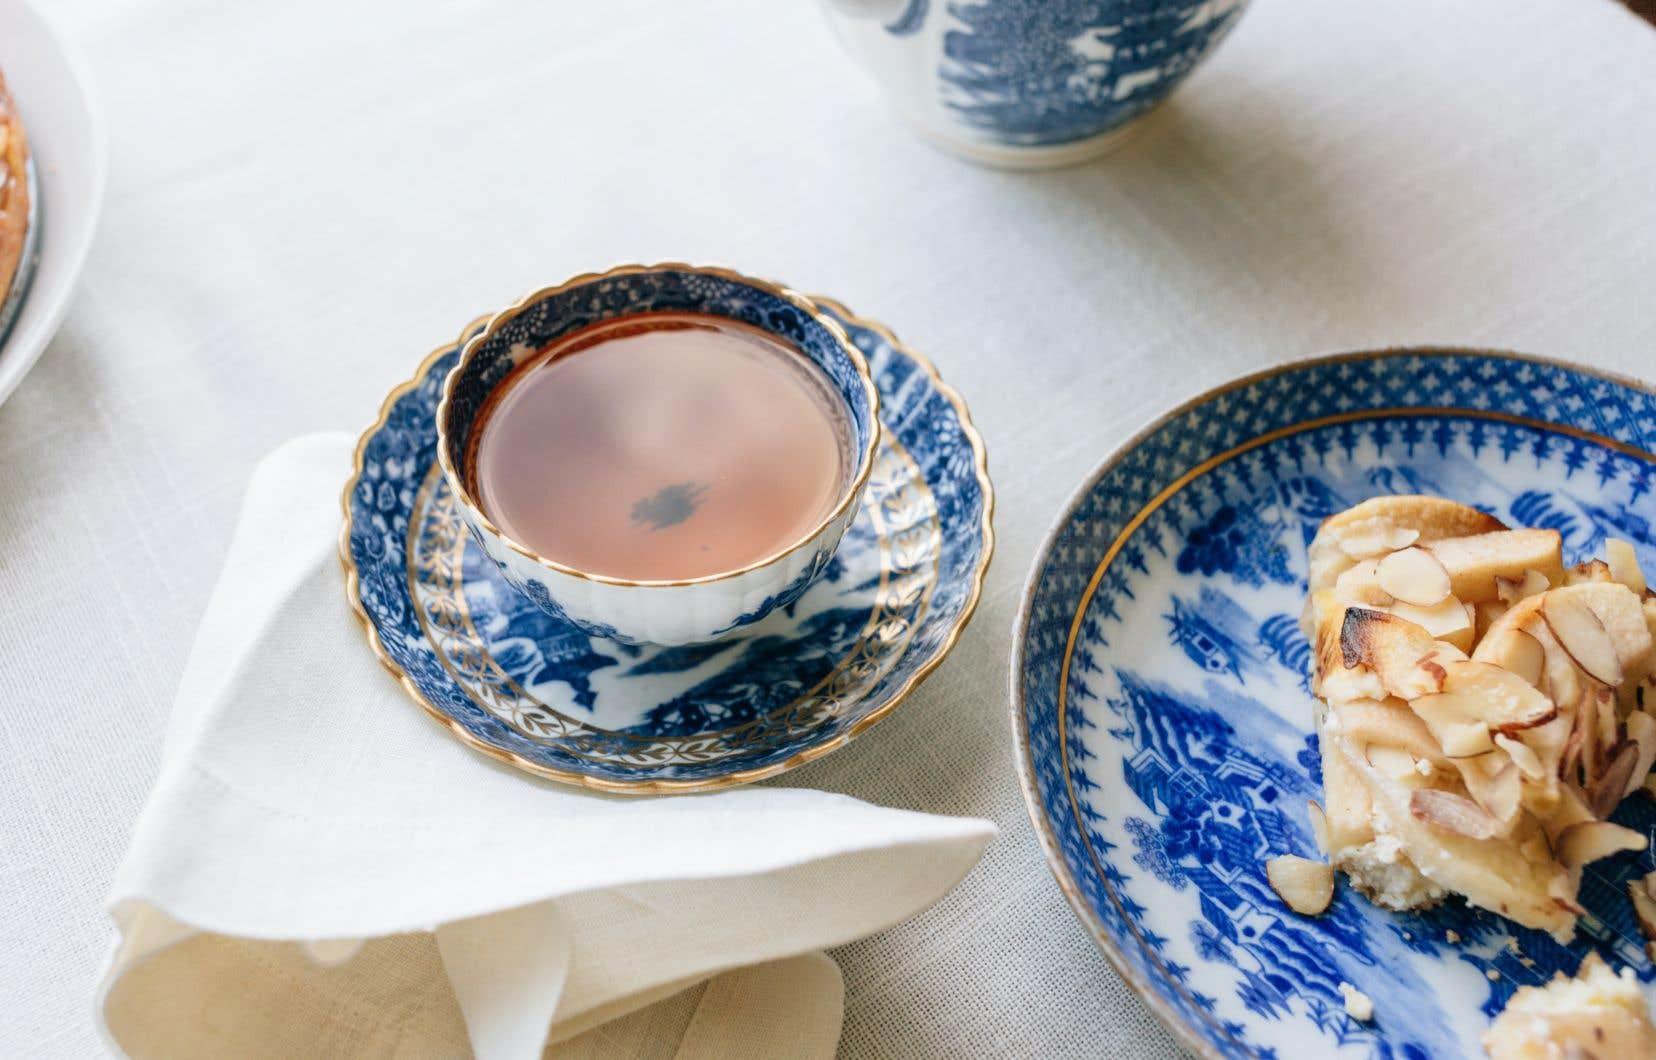 En Angleterre, le thé d'après-midi est souvent accompagné de pain, de beurre et de petits gâteaux, une brillante idée qui remonte au 19e siècle.